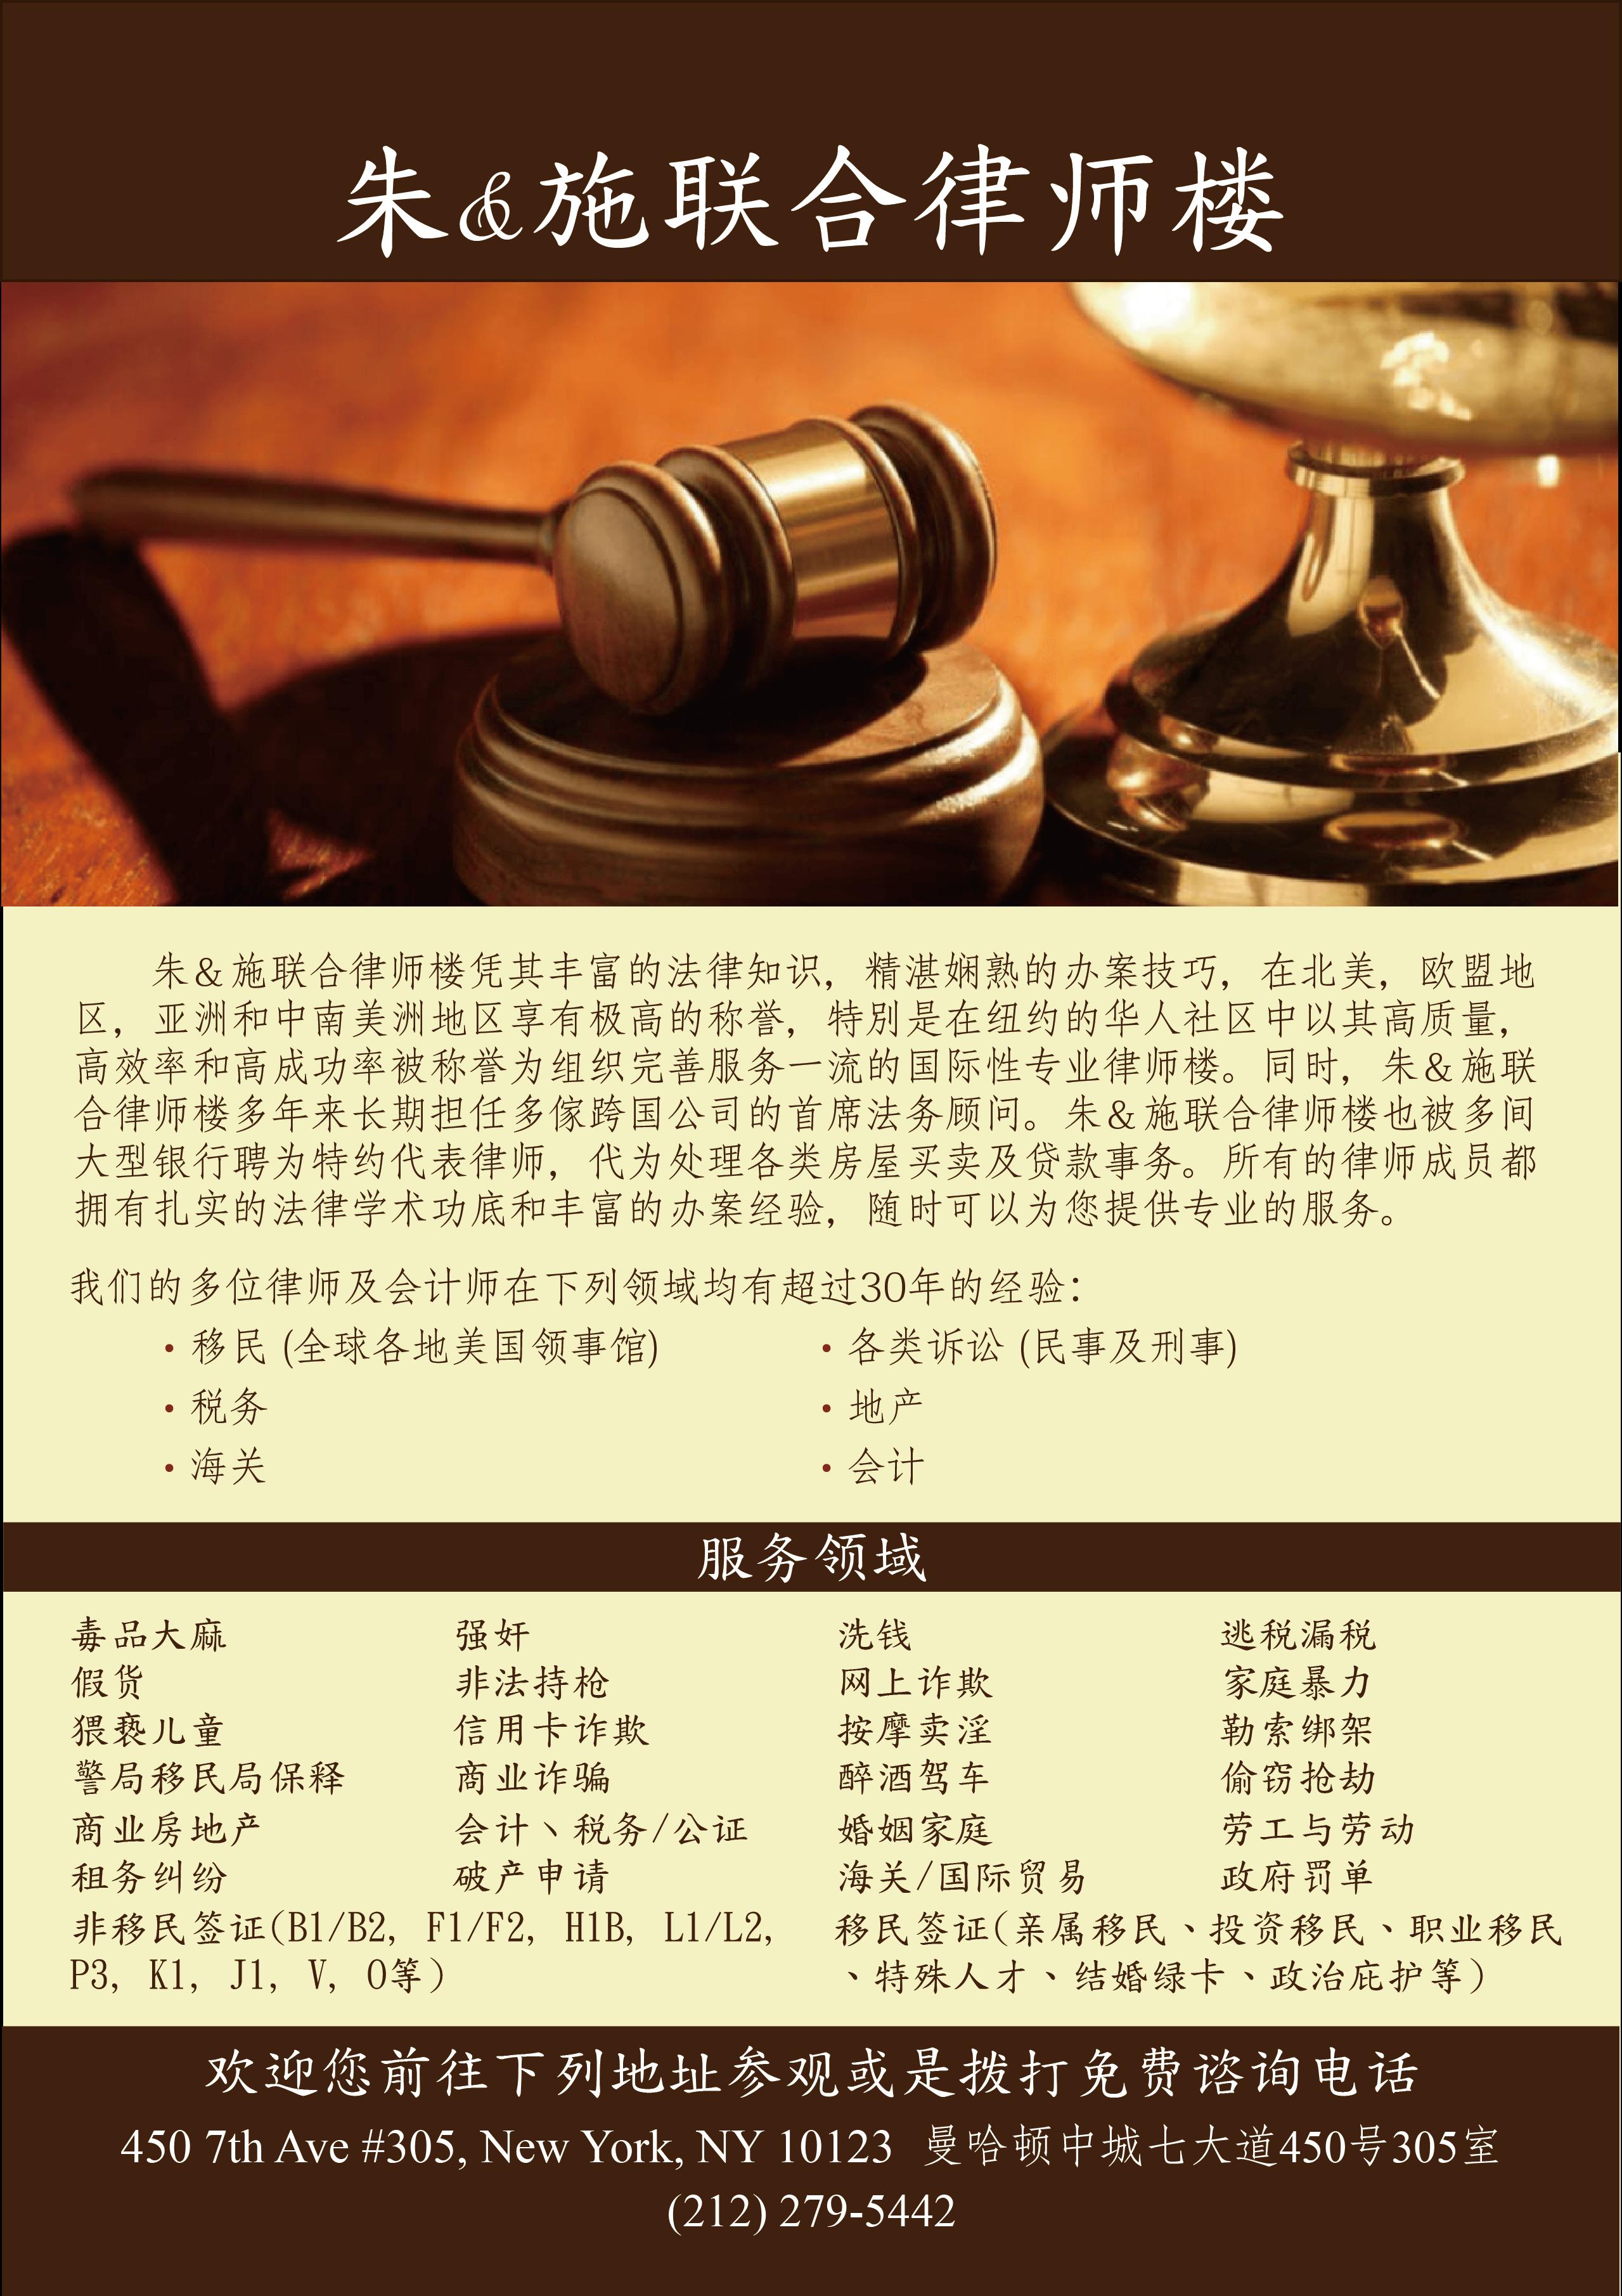 朱&施联合律师楼